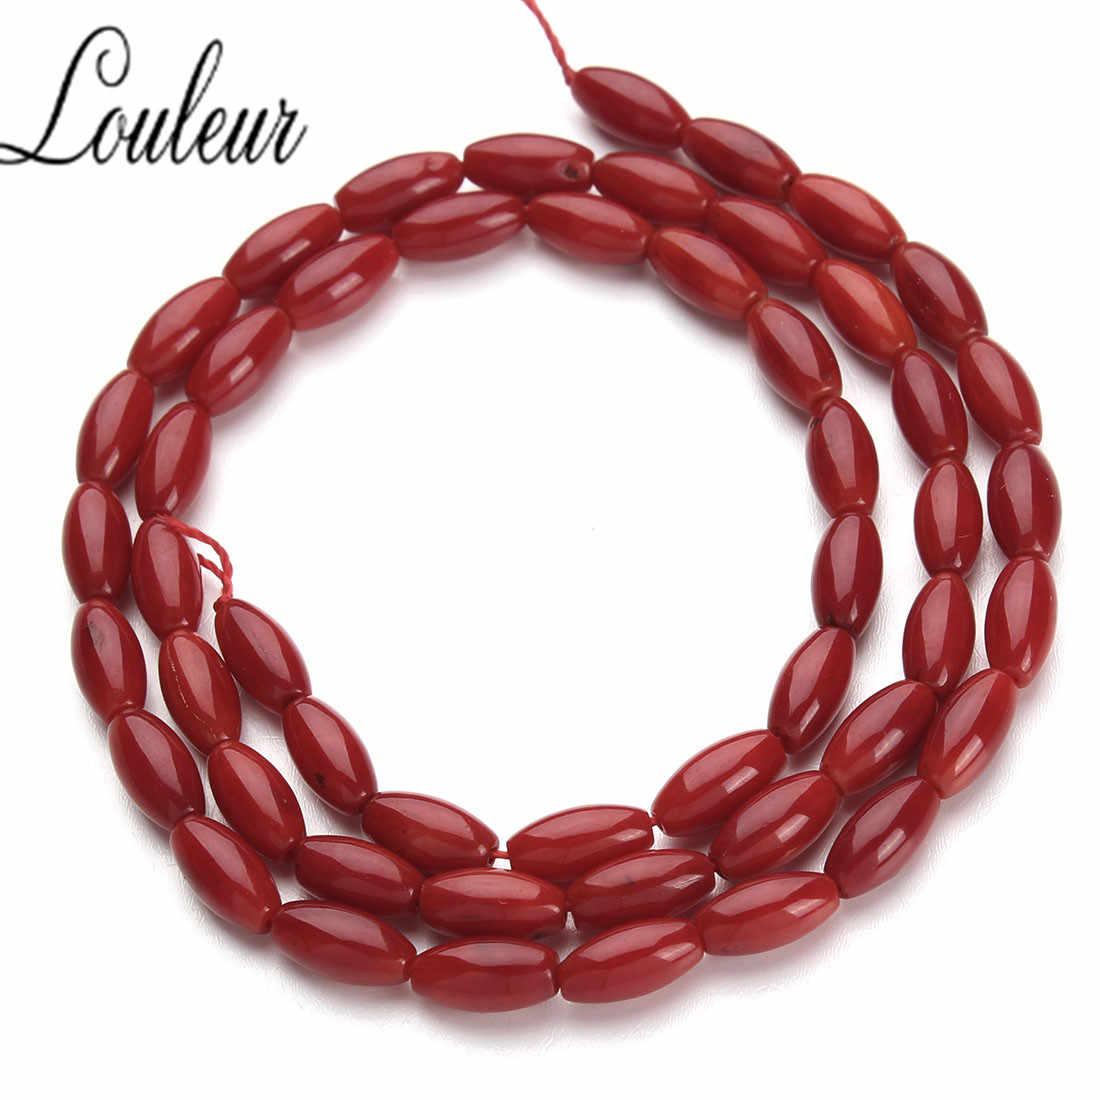 1 Strand/lot 4x8mm czerwony ryż koral rury Cylinder koraliki pół kamień szlachetny luźne koraliki na naszyjnik bransoletka biżuteria F2790